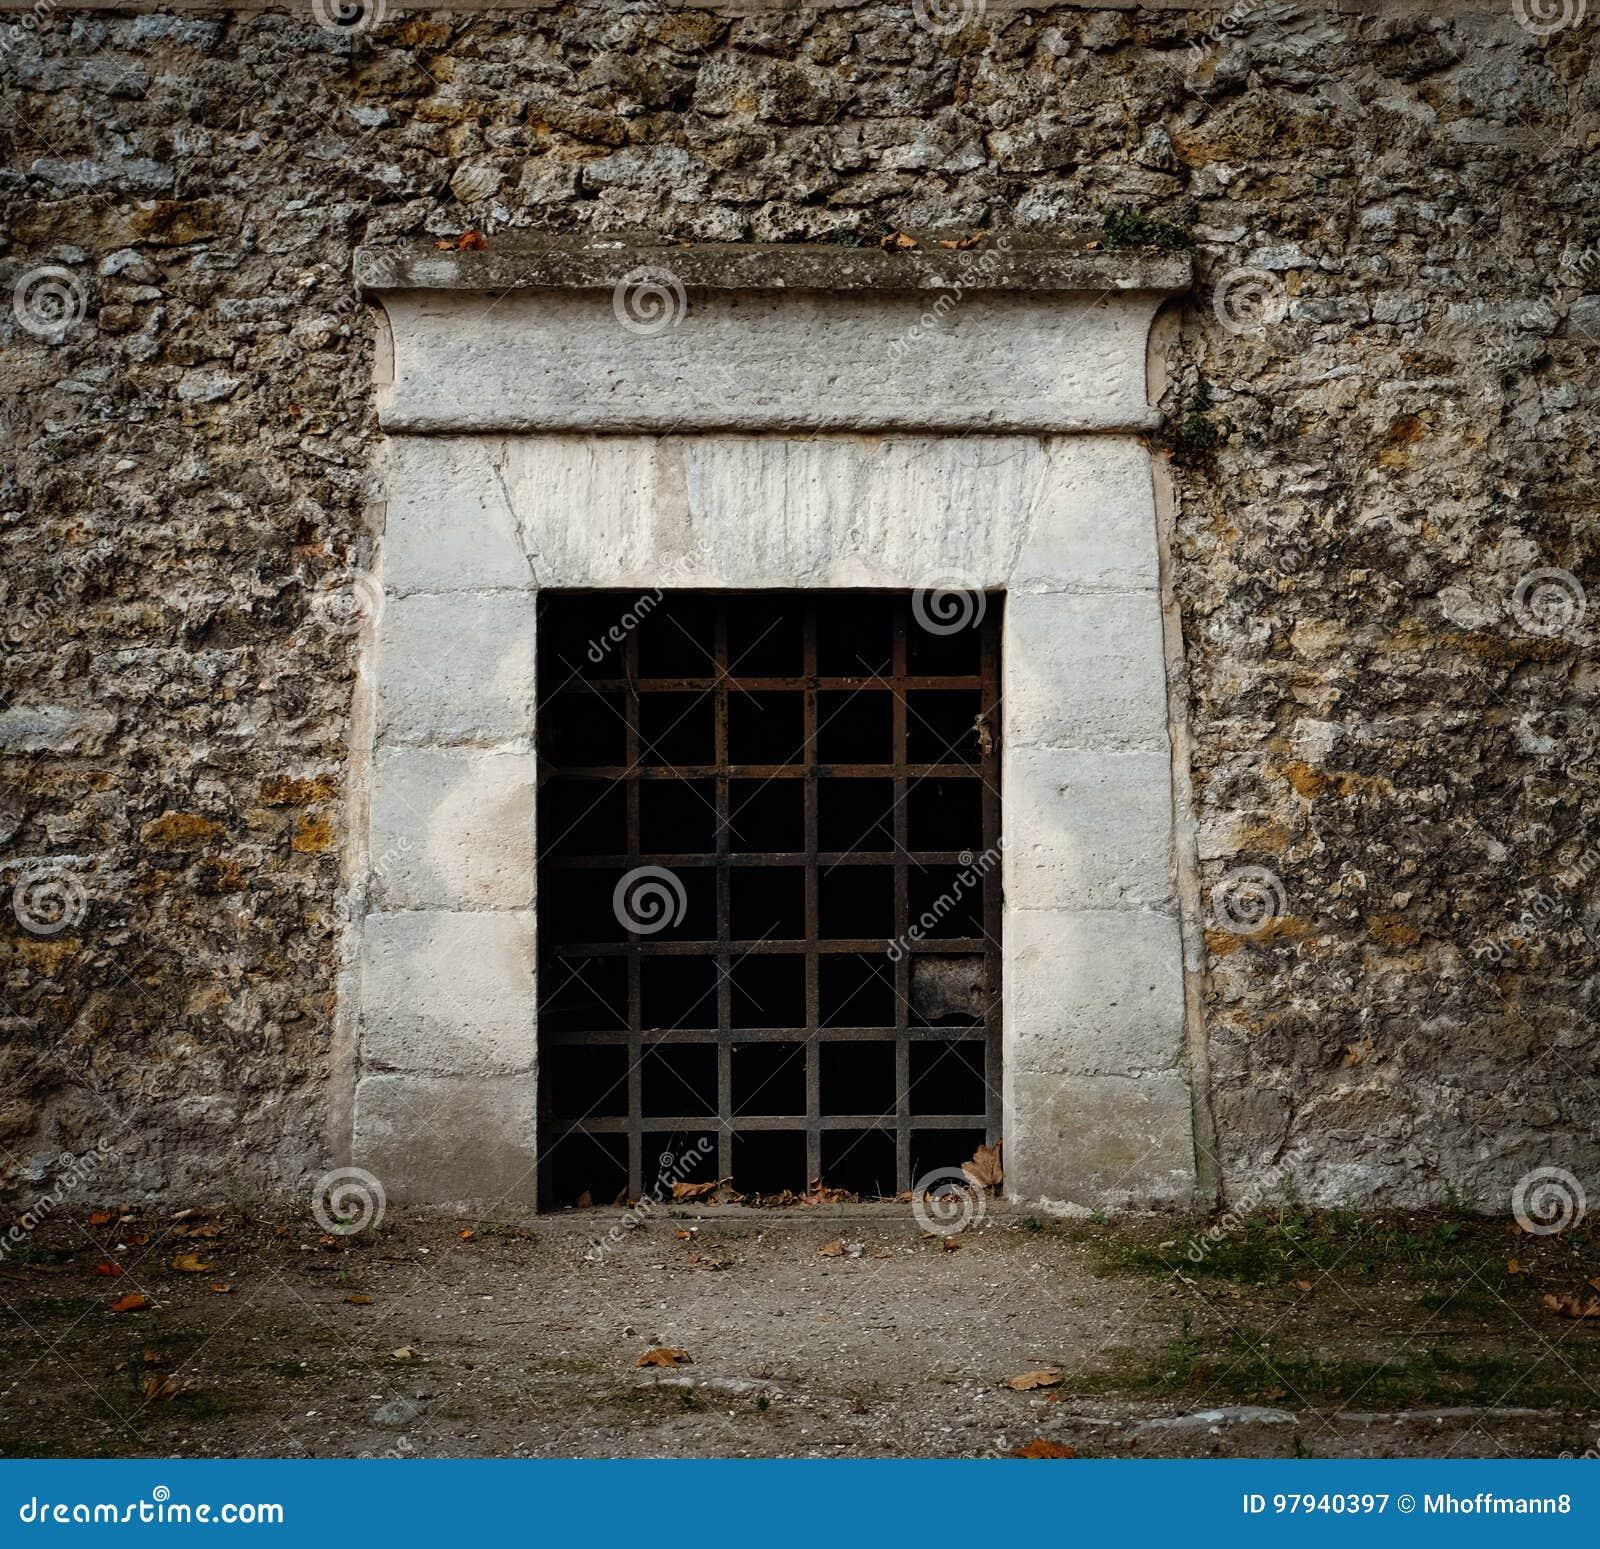 Een deur met roestig ijzer verspert - als een ingang aan een kerker, een graf of een oude gevangenis